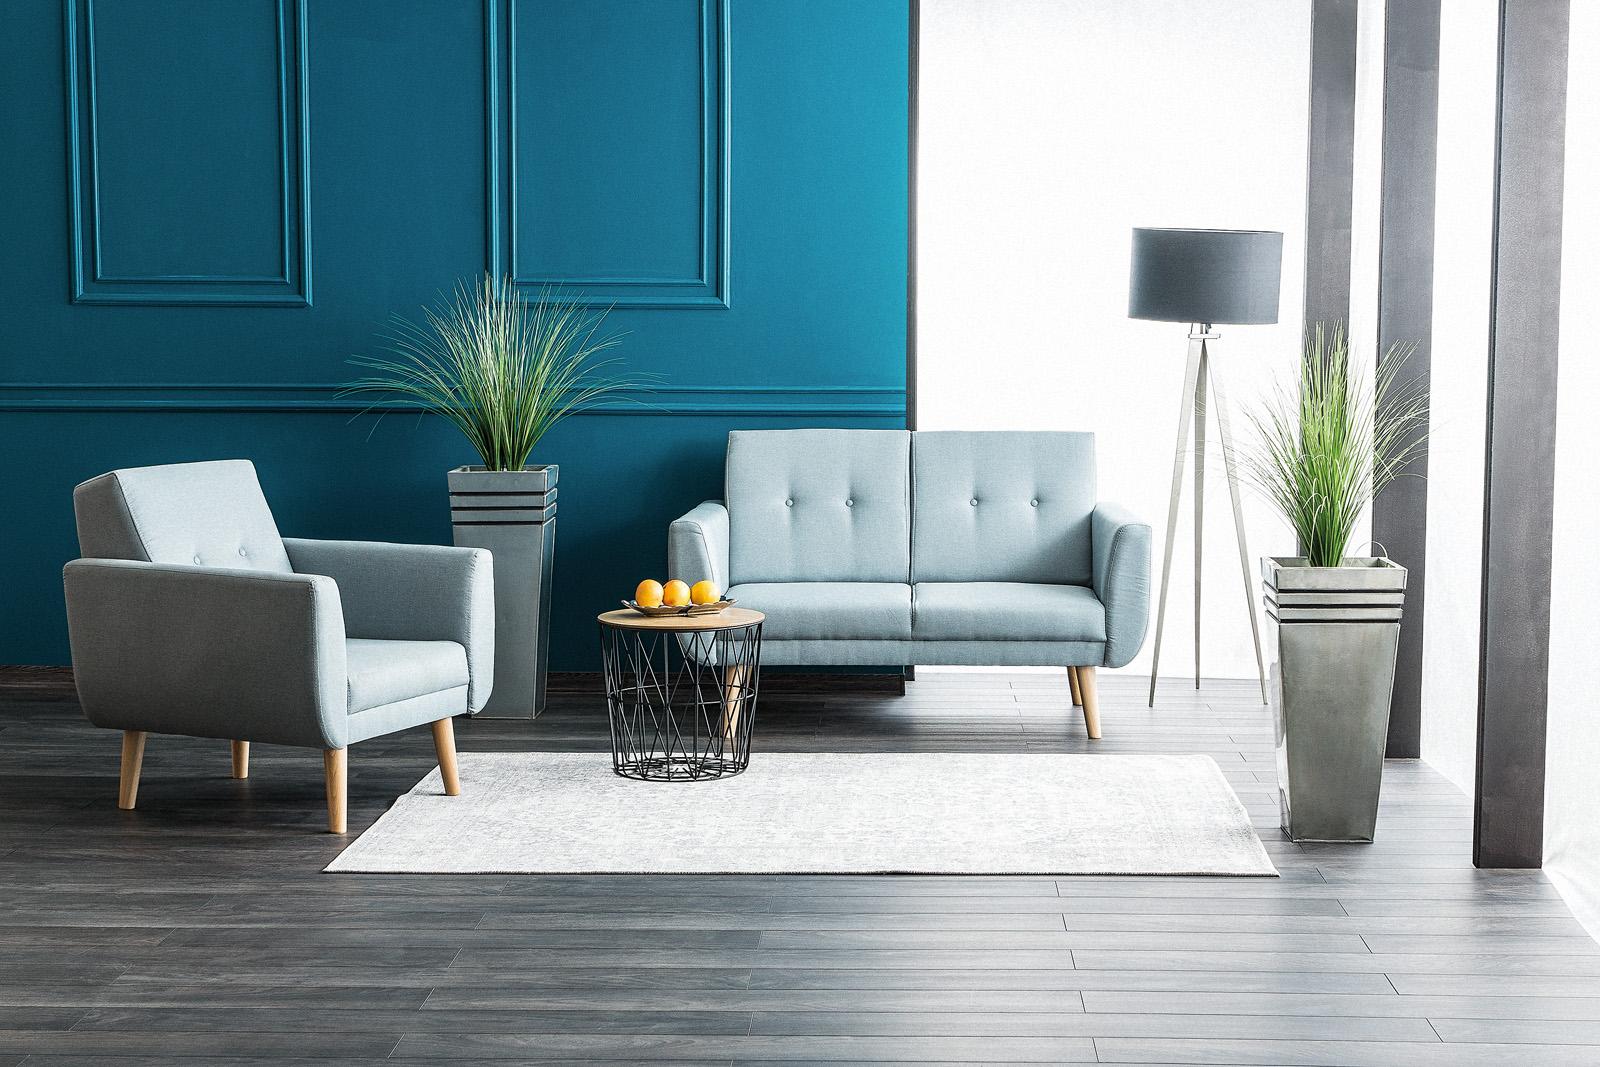 Je všetok nábytok vhodný k podlahovému vykurovaniu?